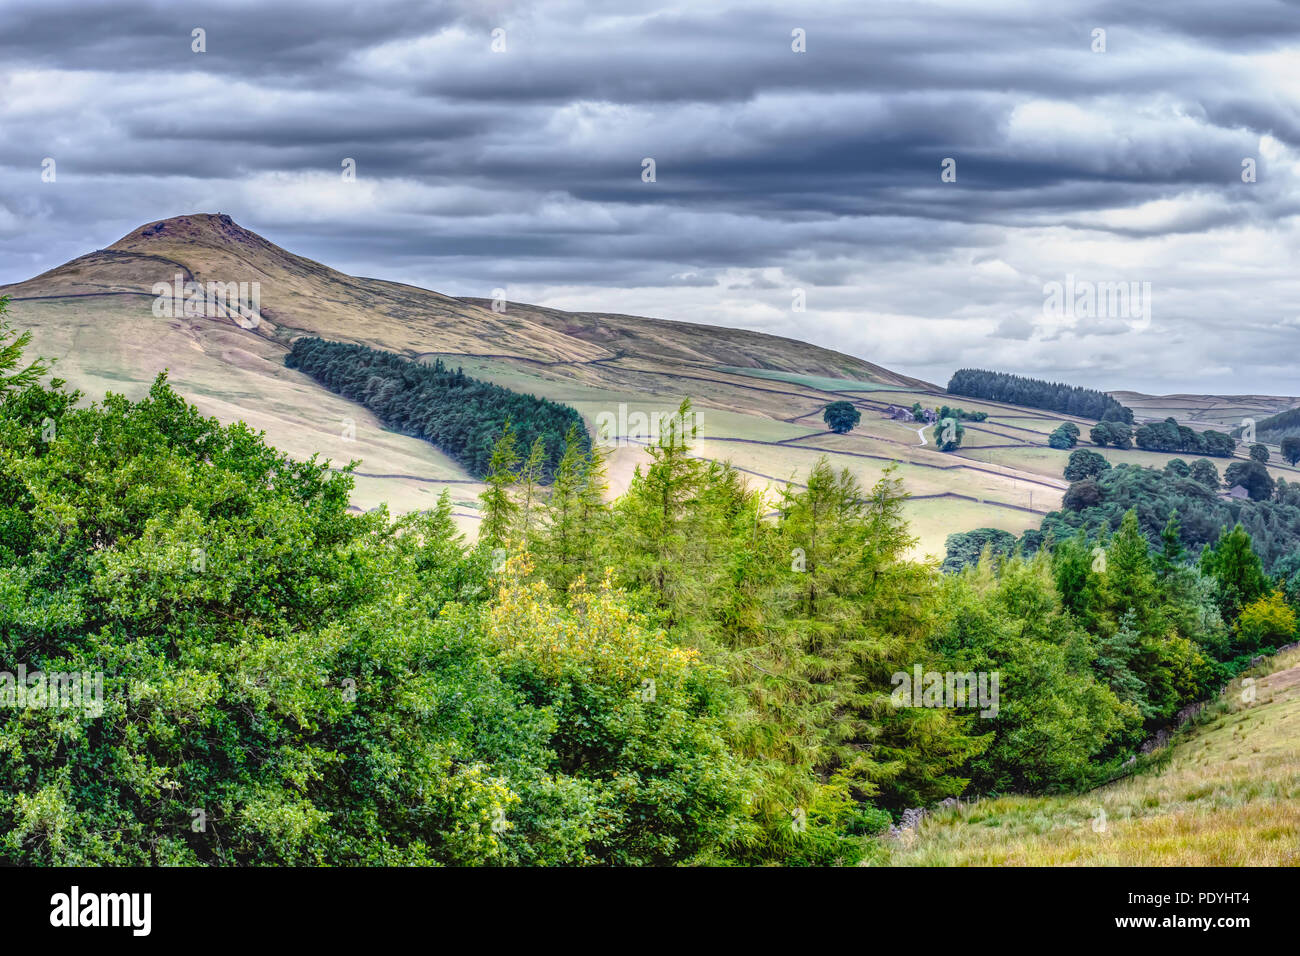 Idillico paesaggio del Parco Nazionale di Peak District, Derbyshire, Regno Unito.vista panoramica sulla valle di montagna con alberi in primo piano e il vertice in background. Immagini Stock